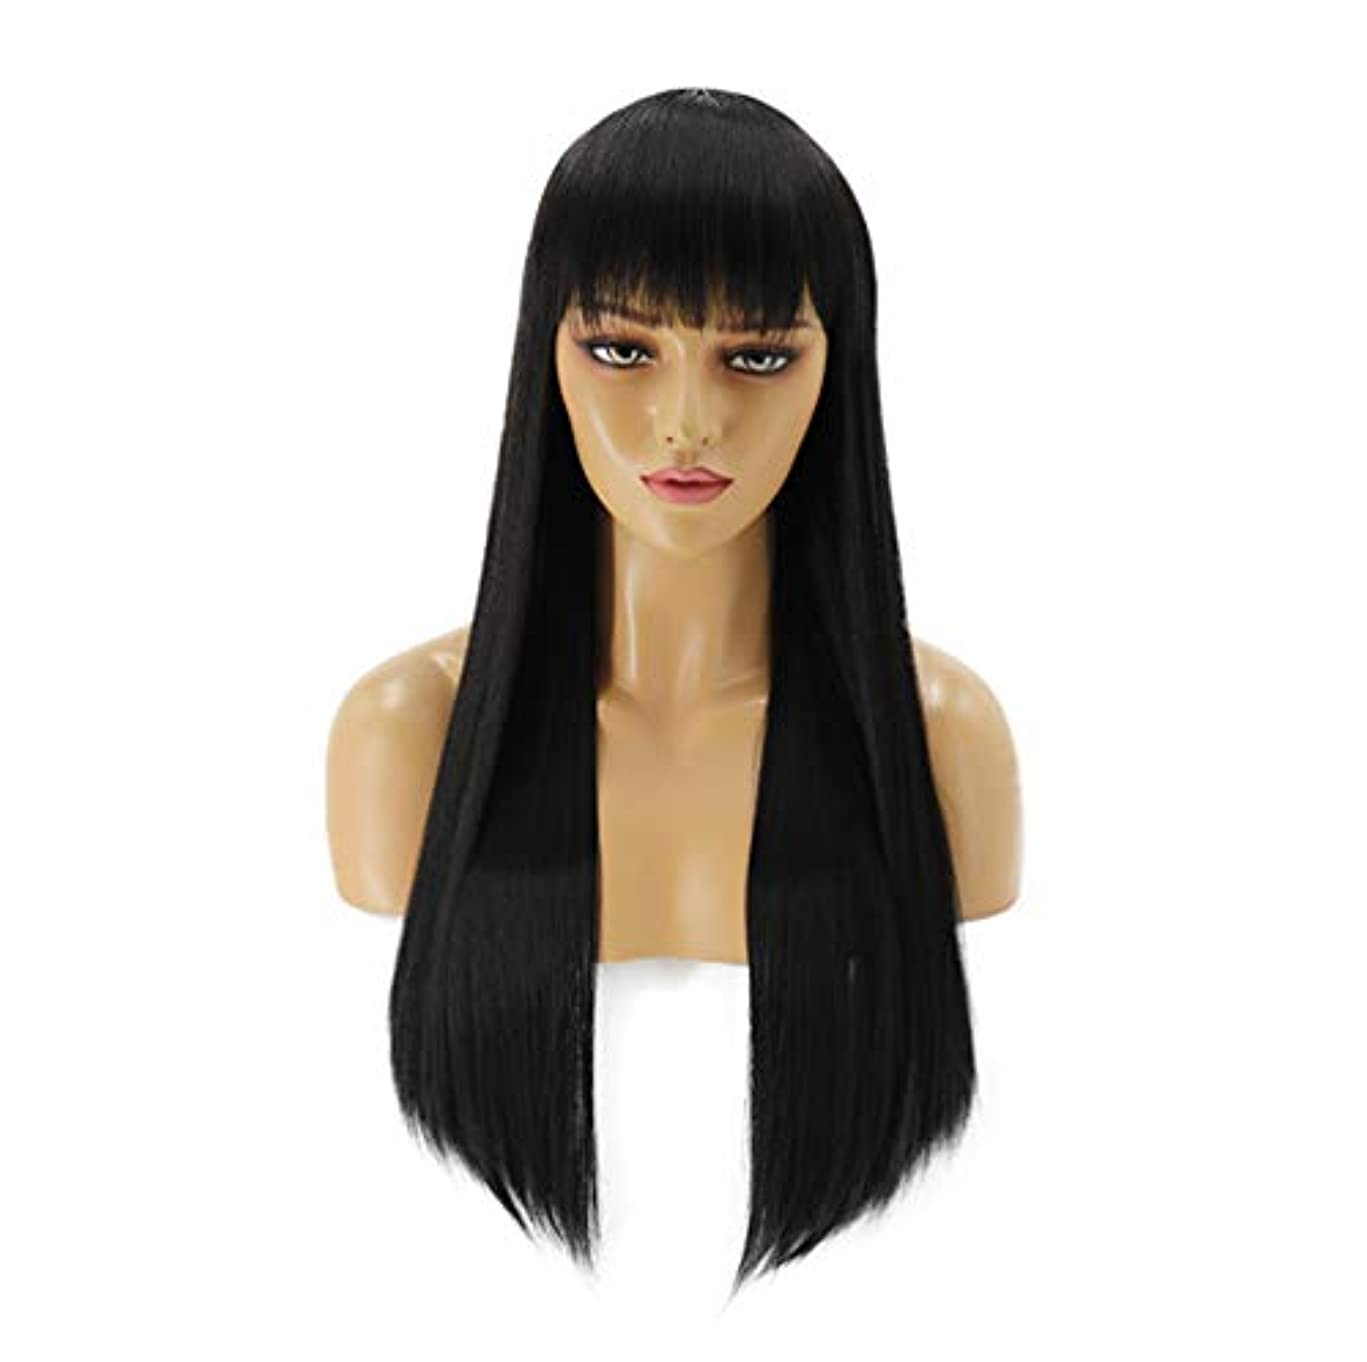 訪問ブロンズ気を散らす女性150%密度髪合成かつらロングストレート耐熱髪事前摘み取らかつら黒70センチ